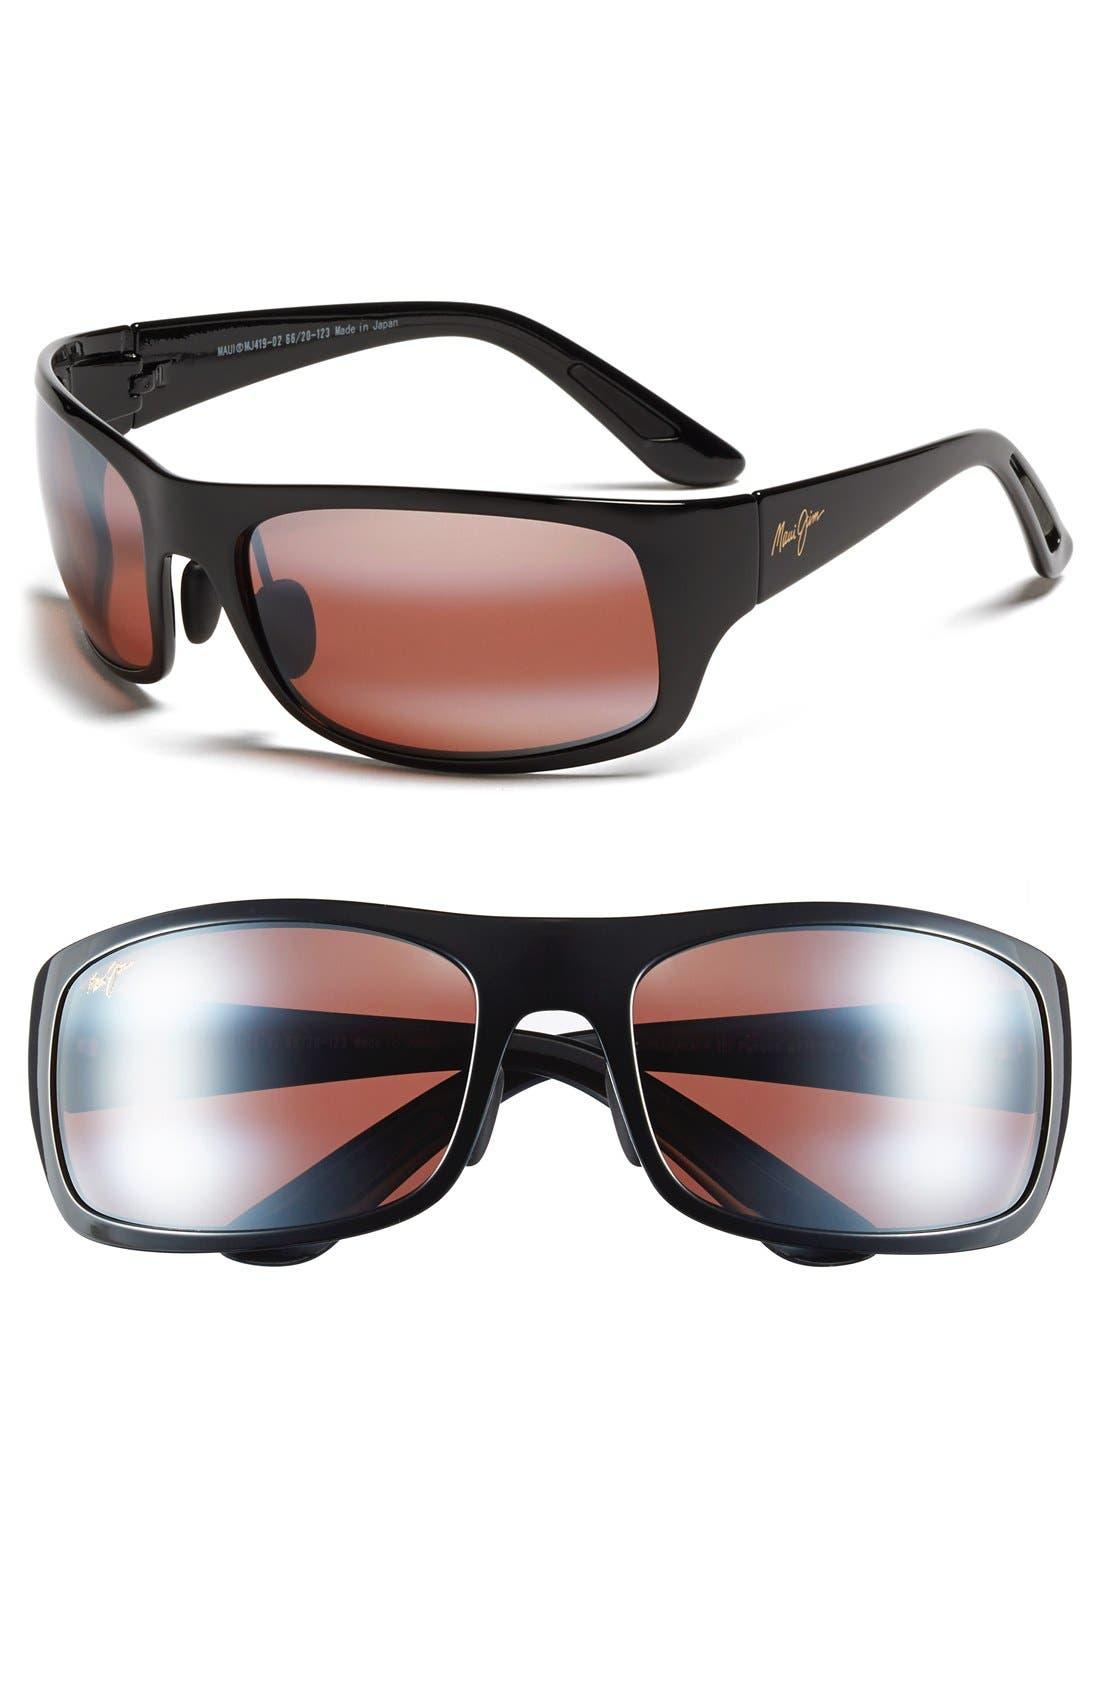 Alternate Image 1 Selected - Maui Jim 'Haleakala - PolarizedPlus®2' Polarized Wrap Sunglasses